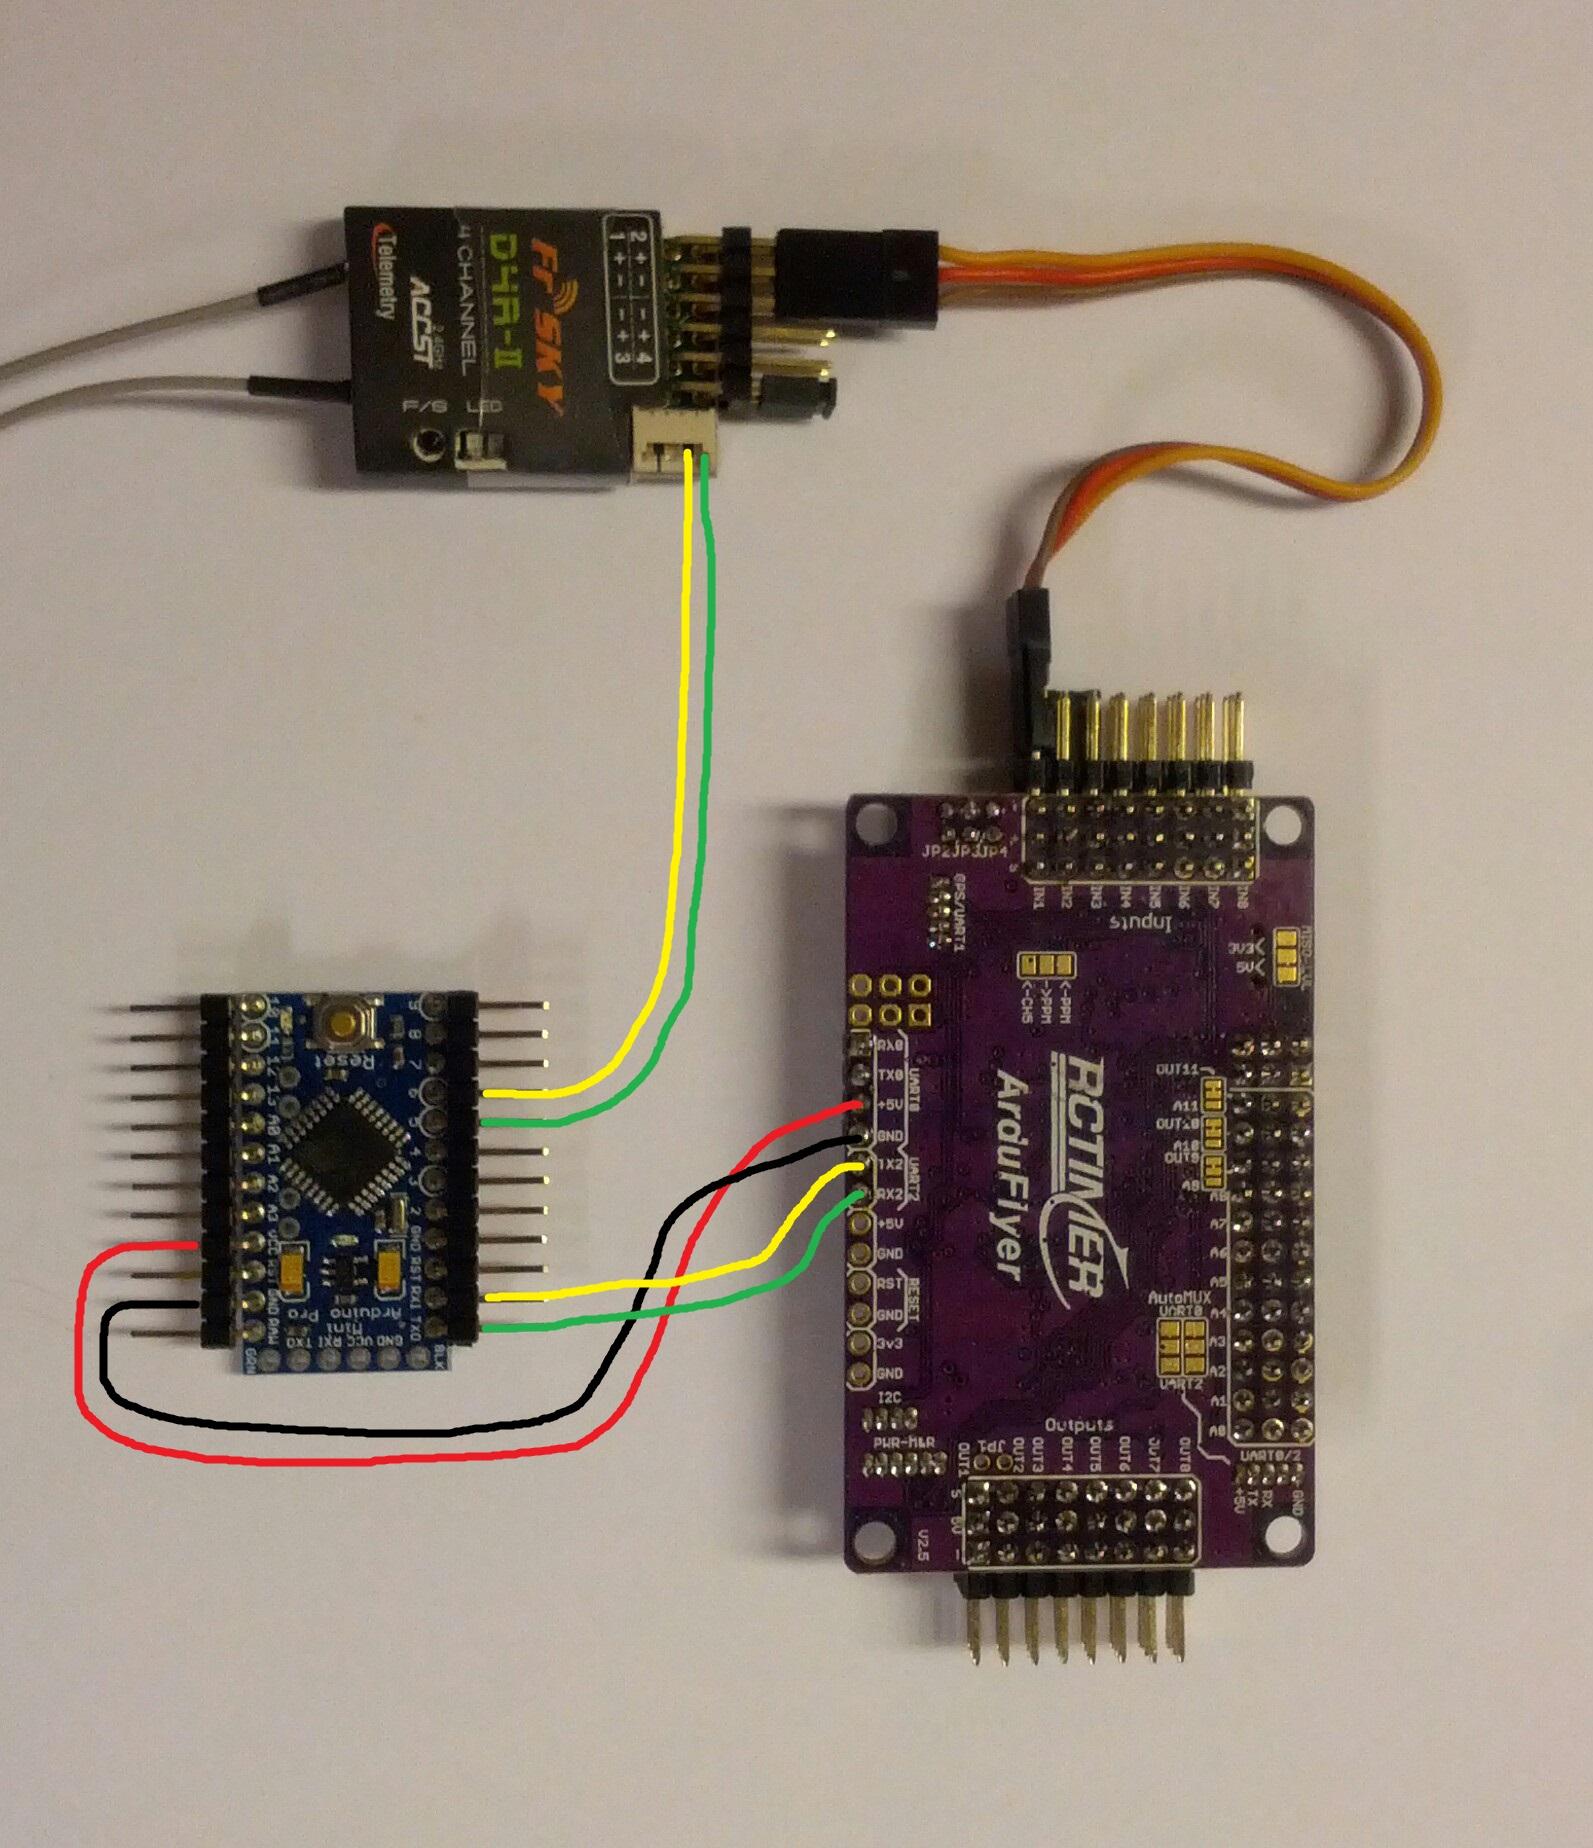 APM UART2 to Arduino pro mini